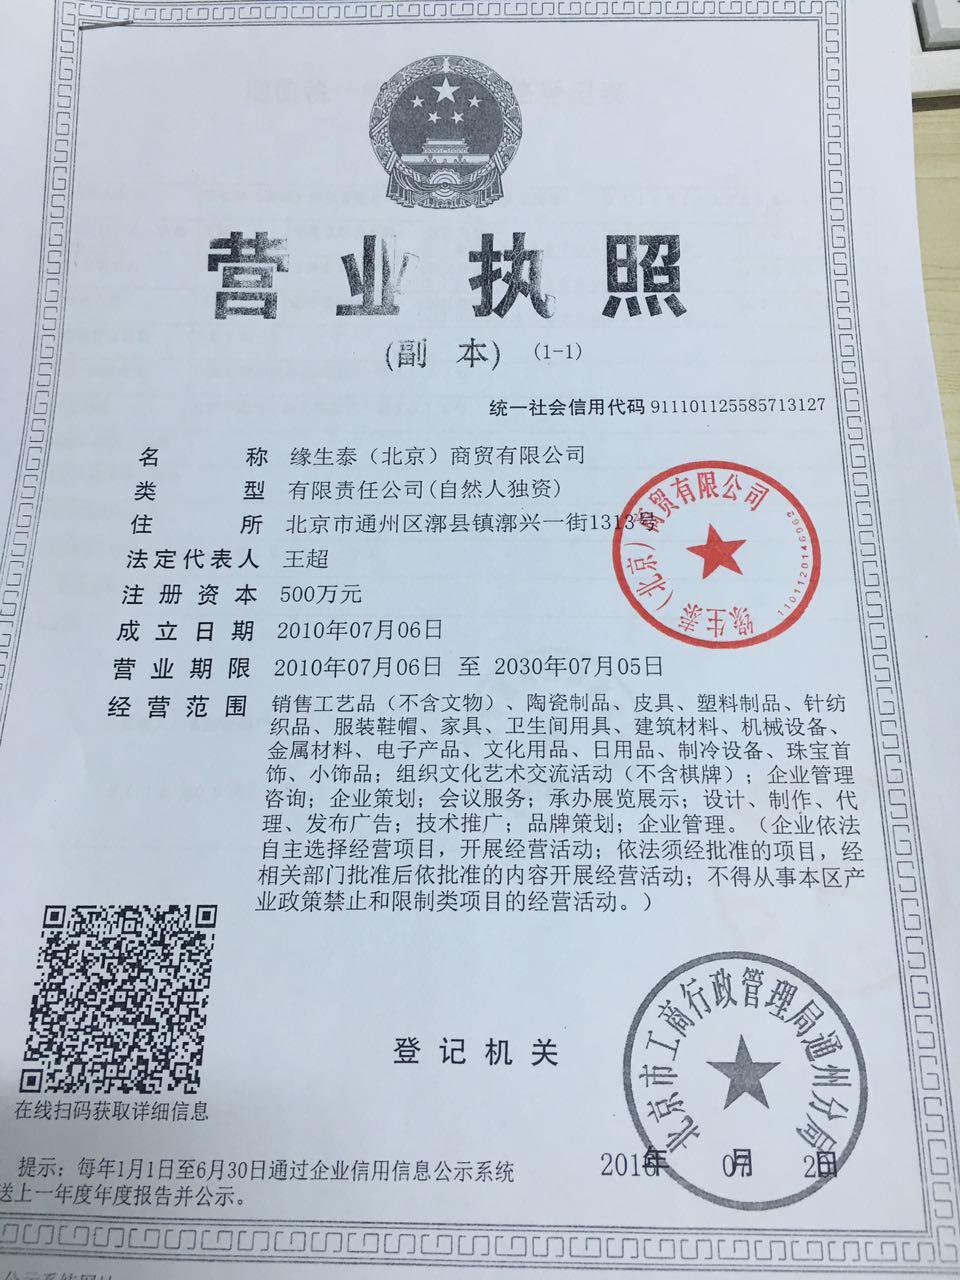 缘生态(北京)商贸有限公司企业档案